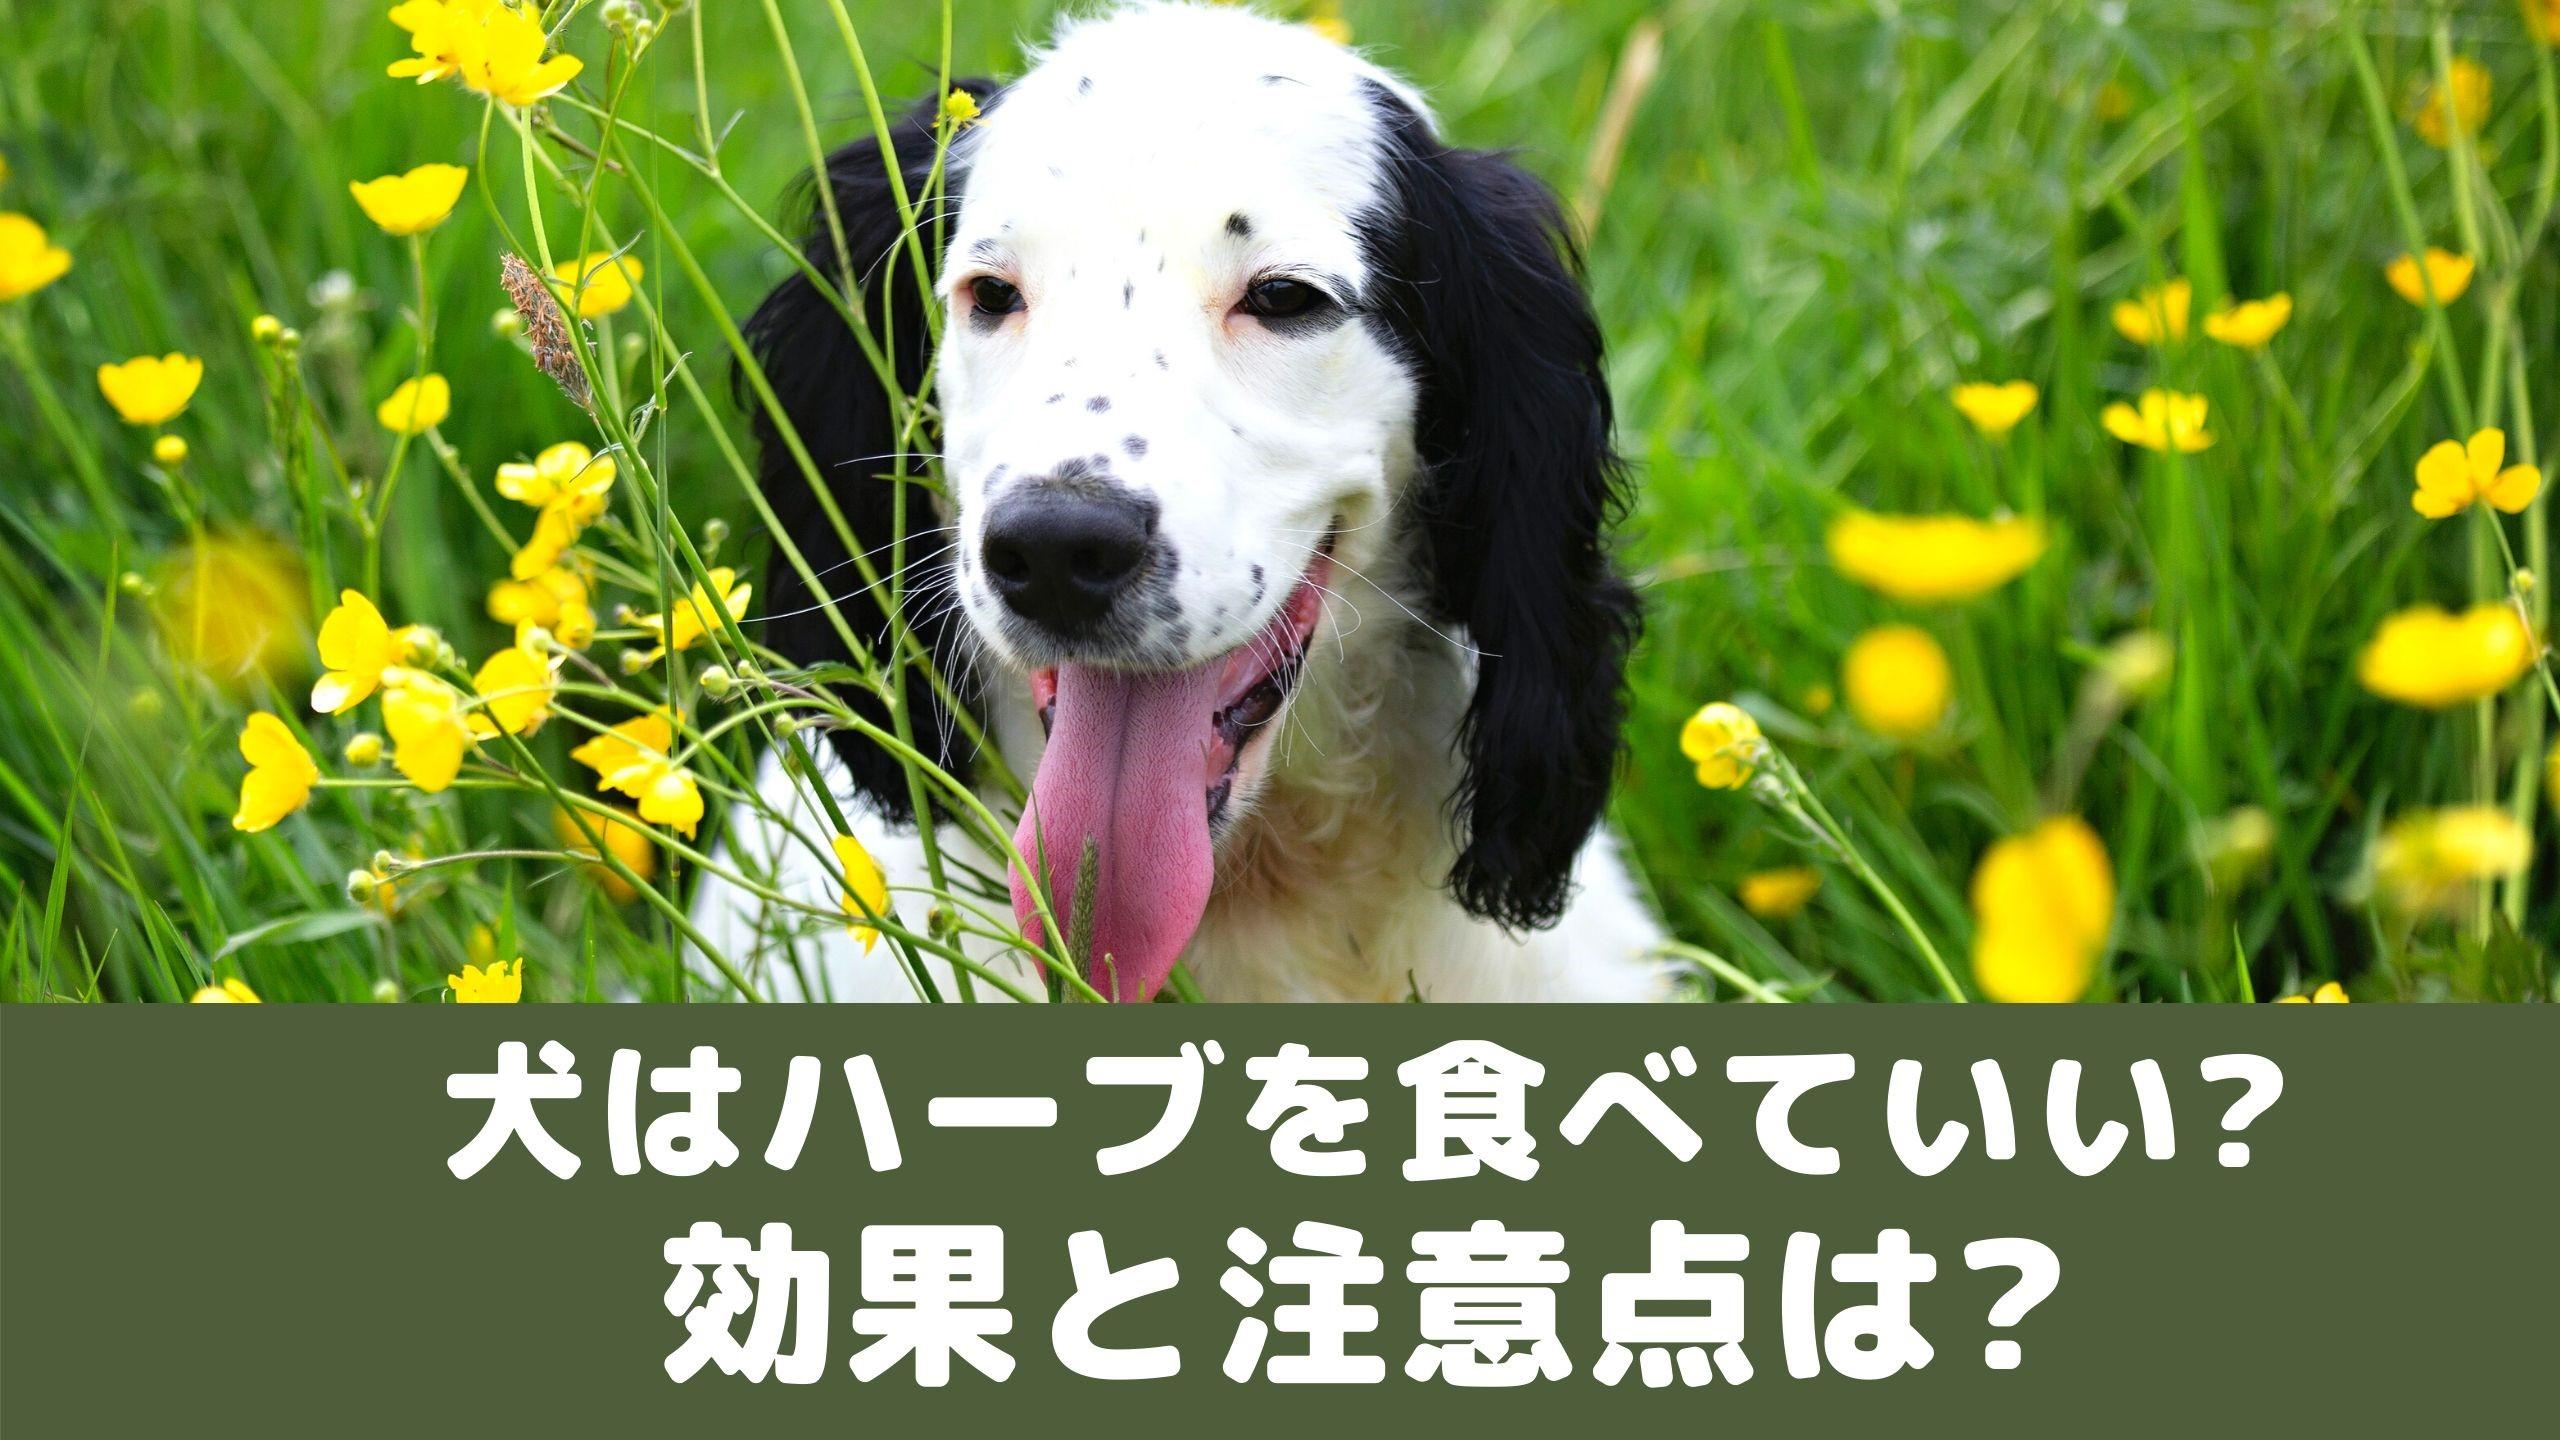 もの て いい 犬 が 食べ